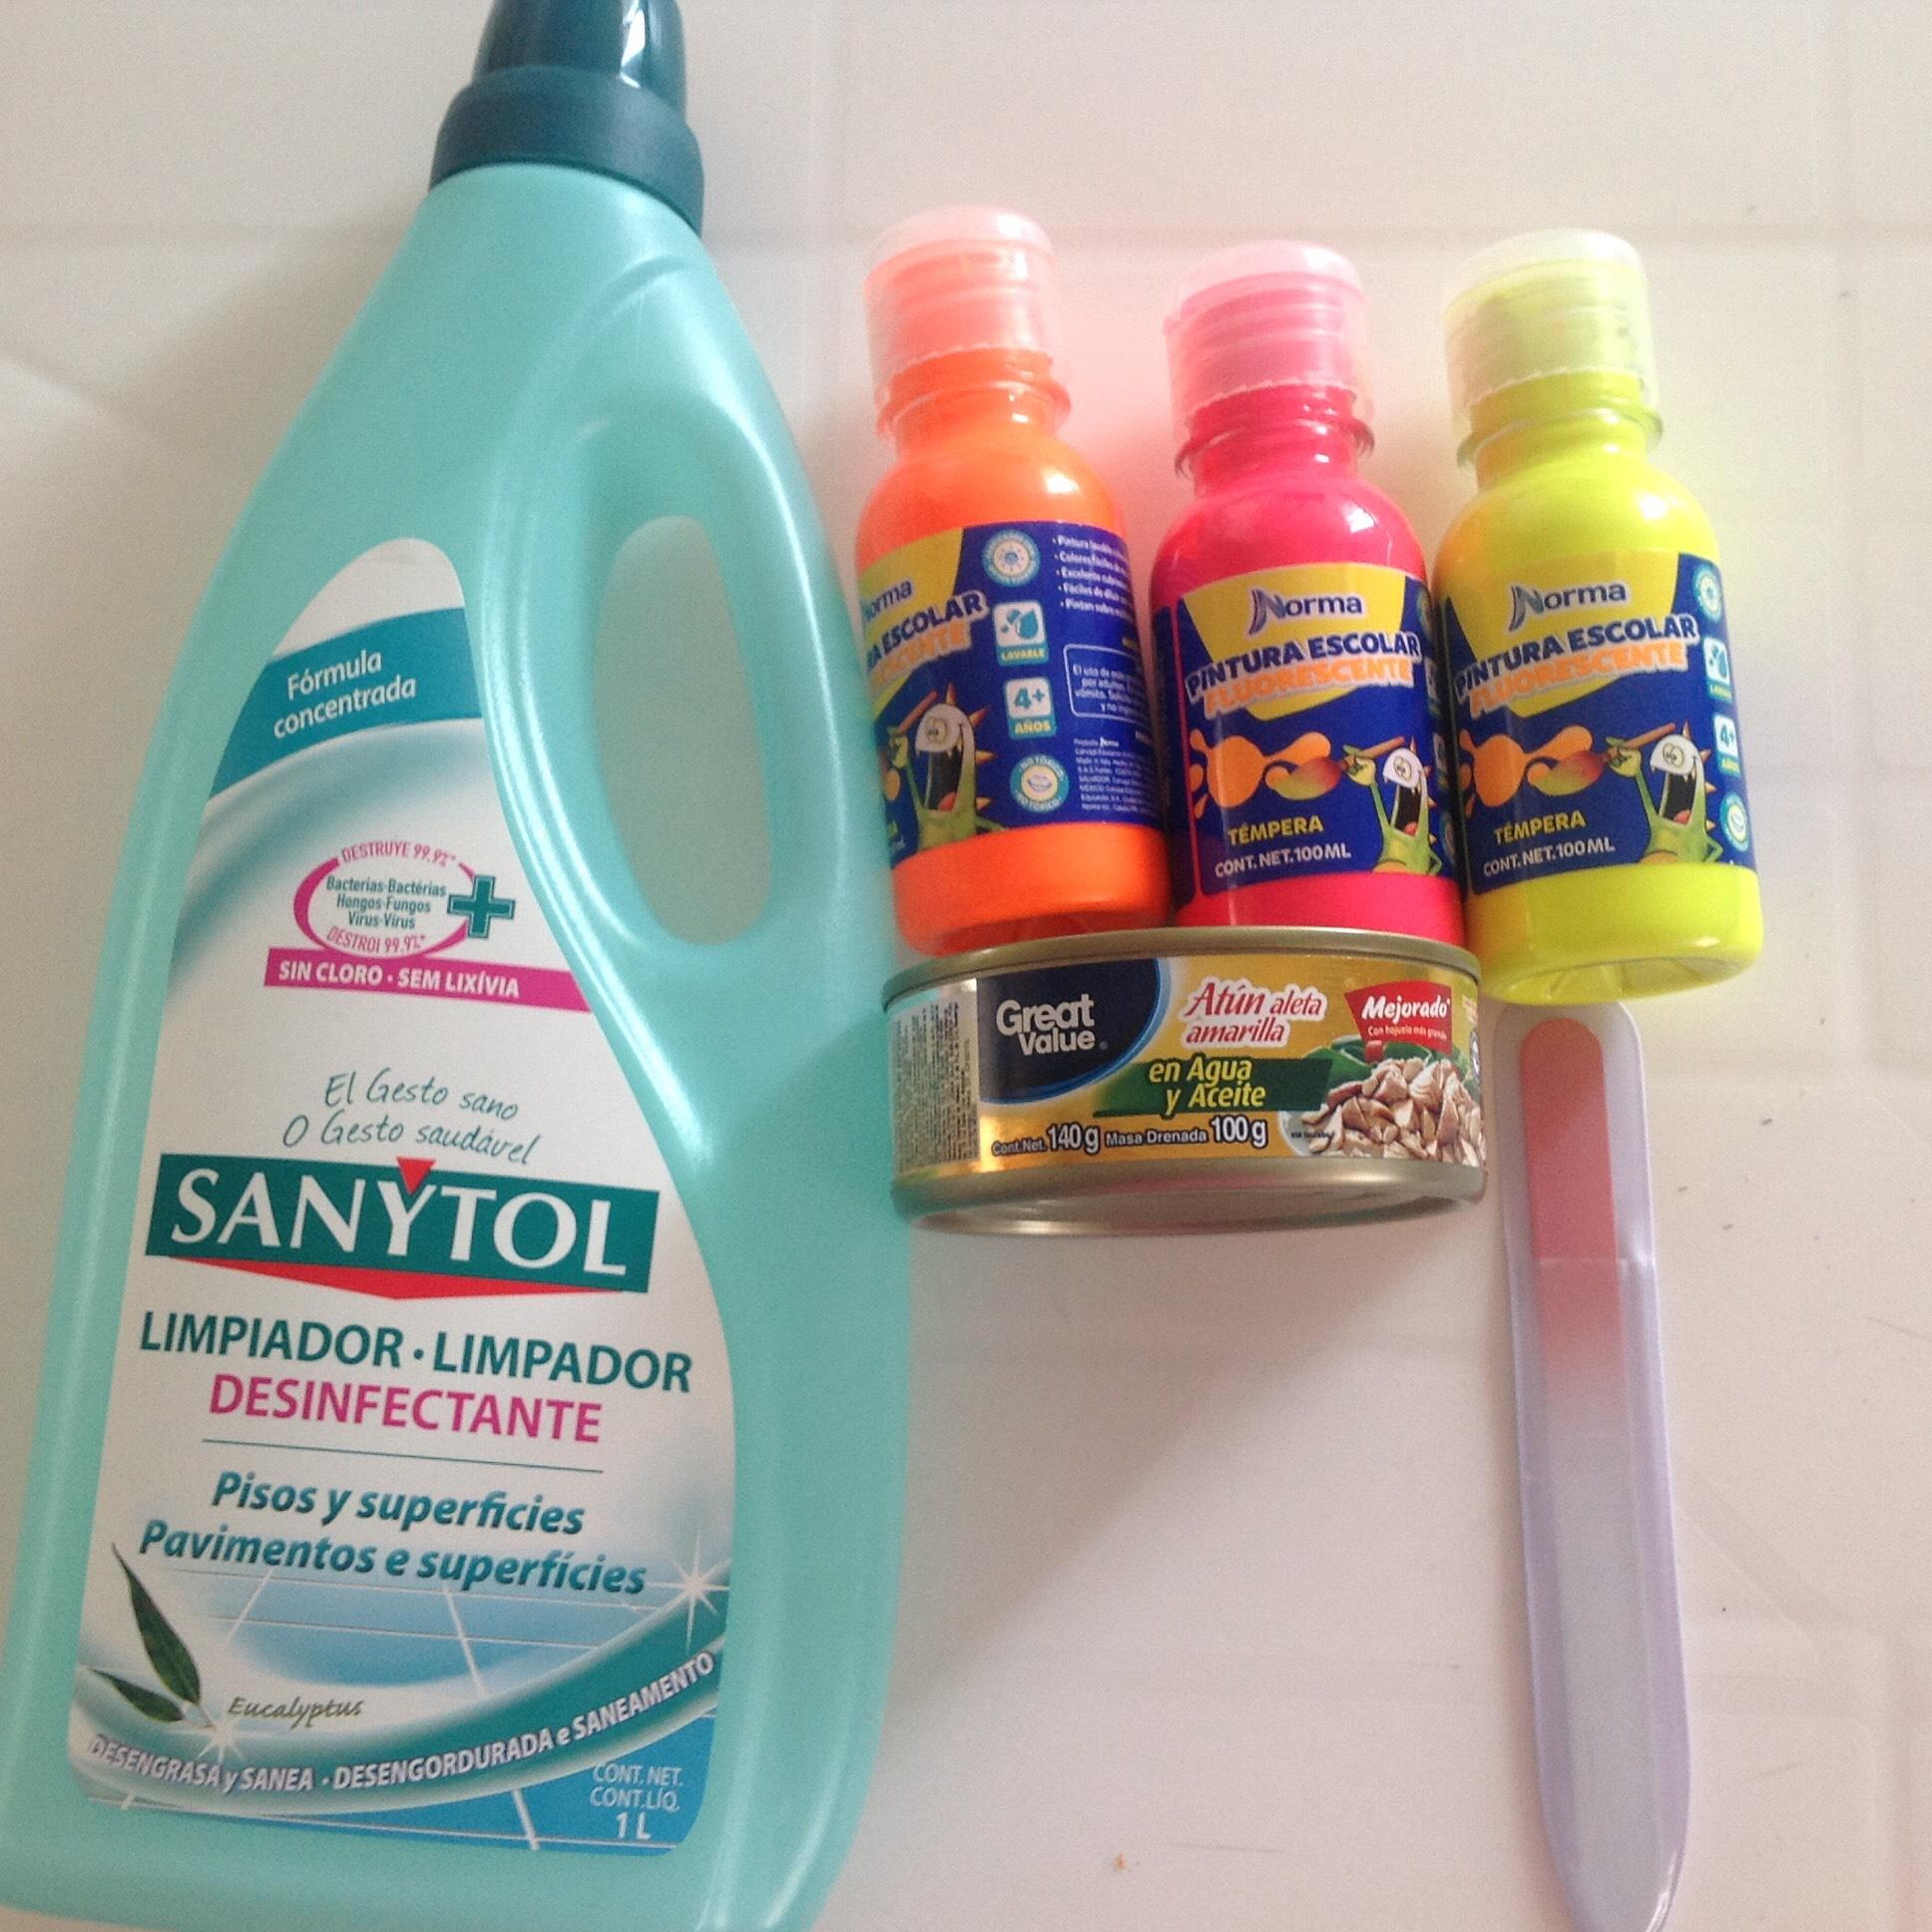 Walmart  | Sanytol en $20.03 , pinturas en .01 , atun en $6.03